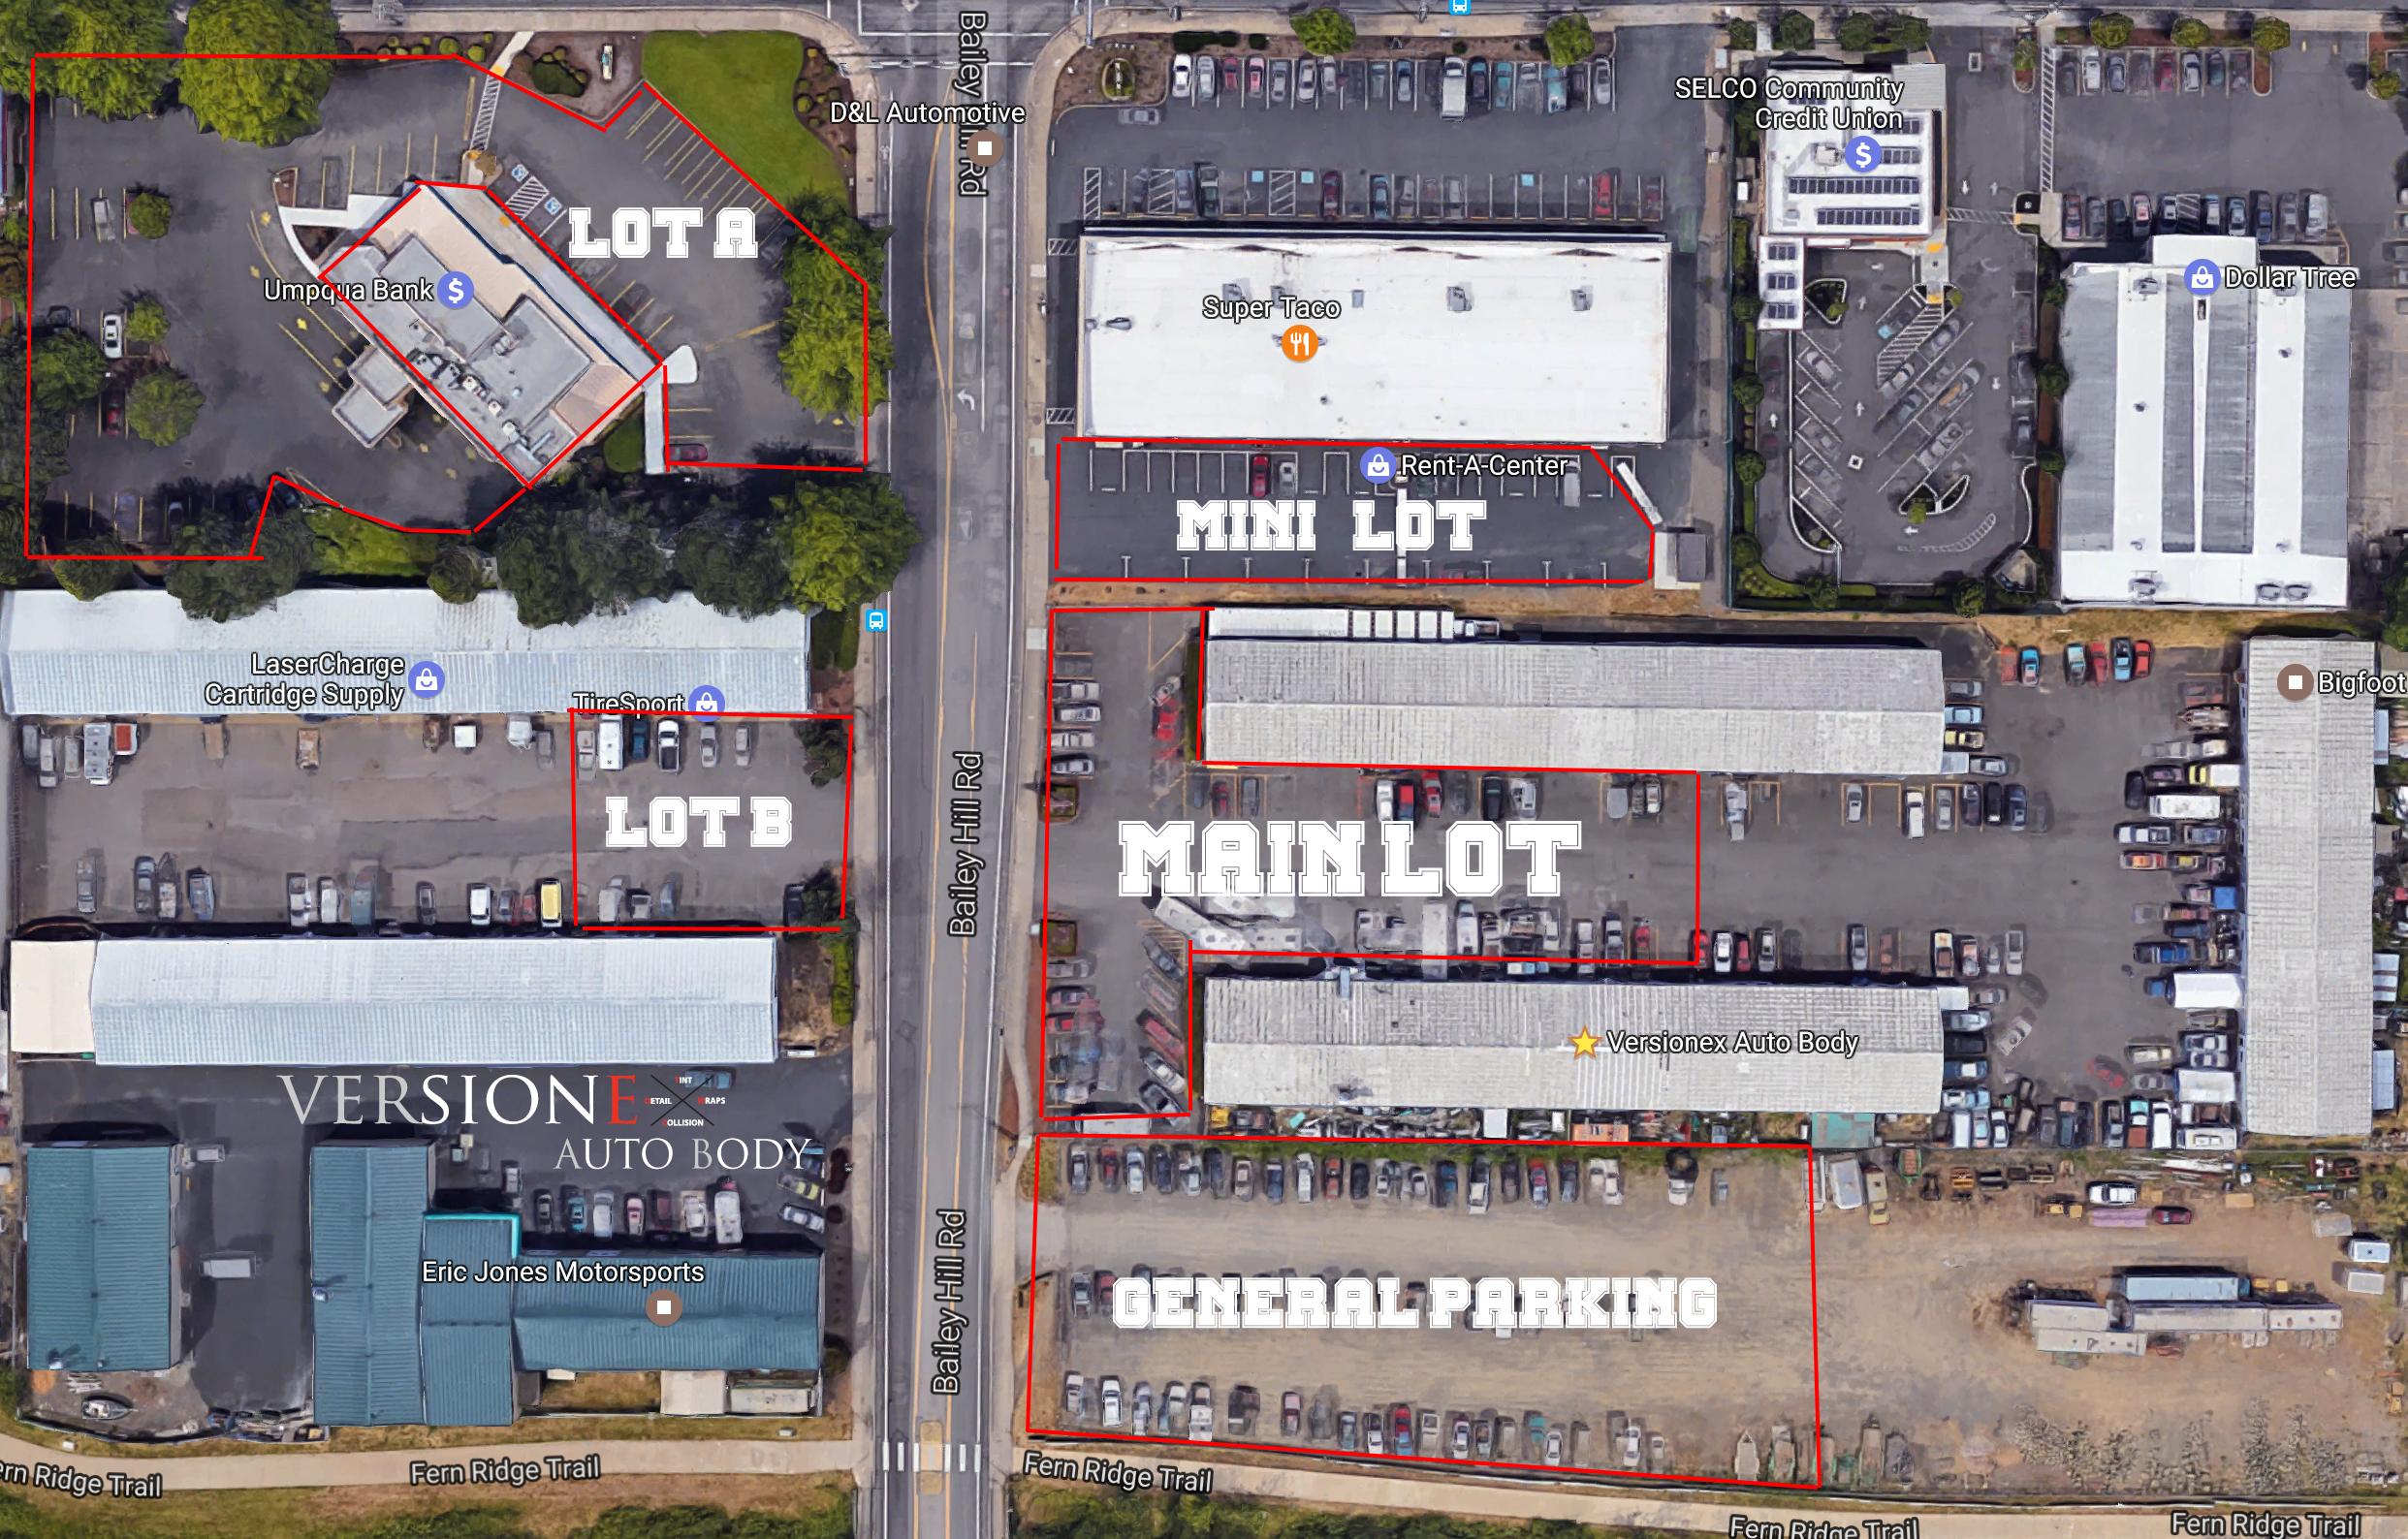 Versionex Parking .jpg